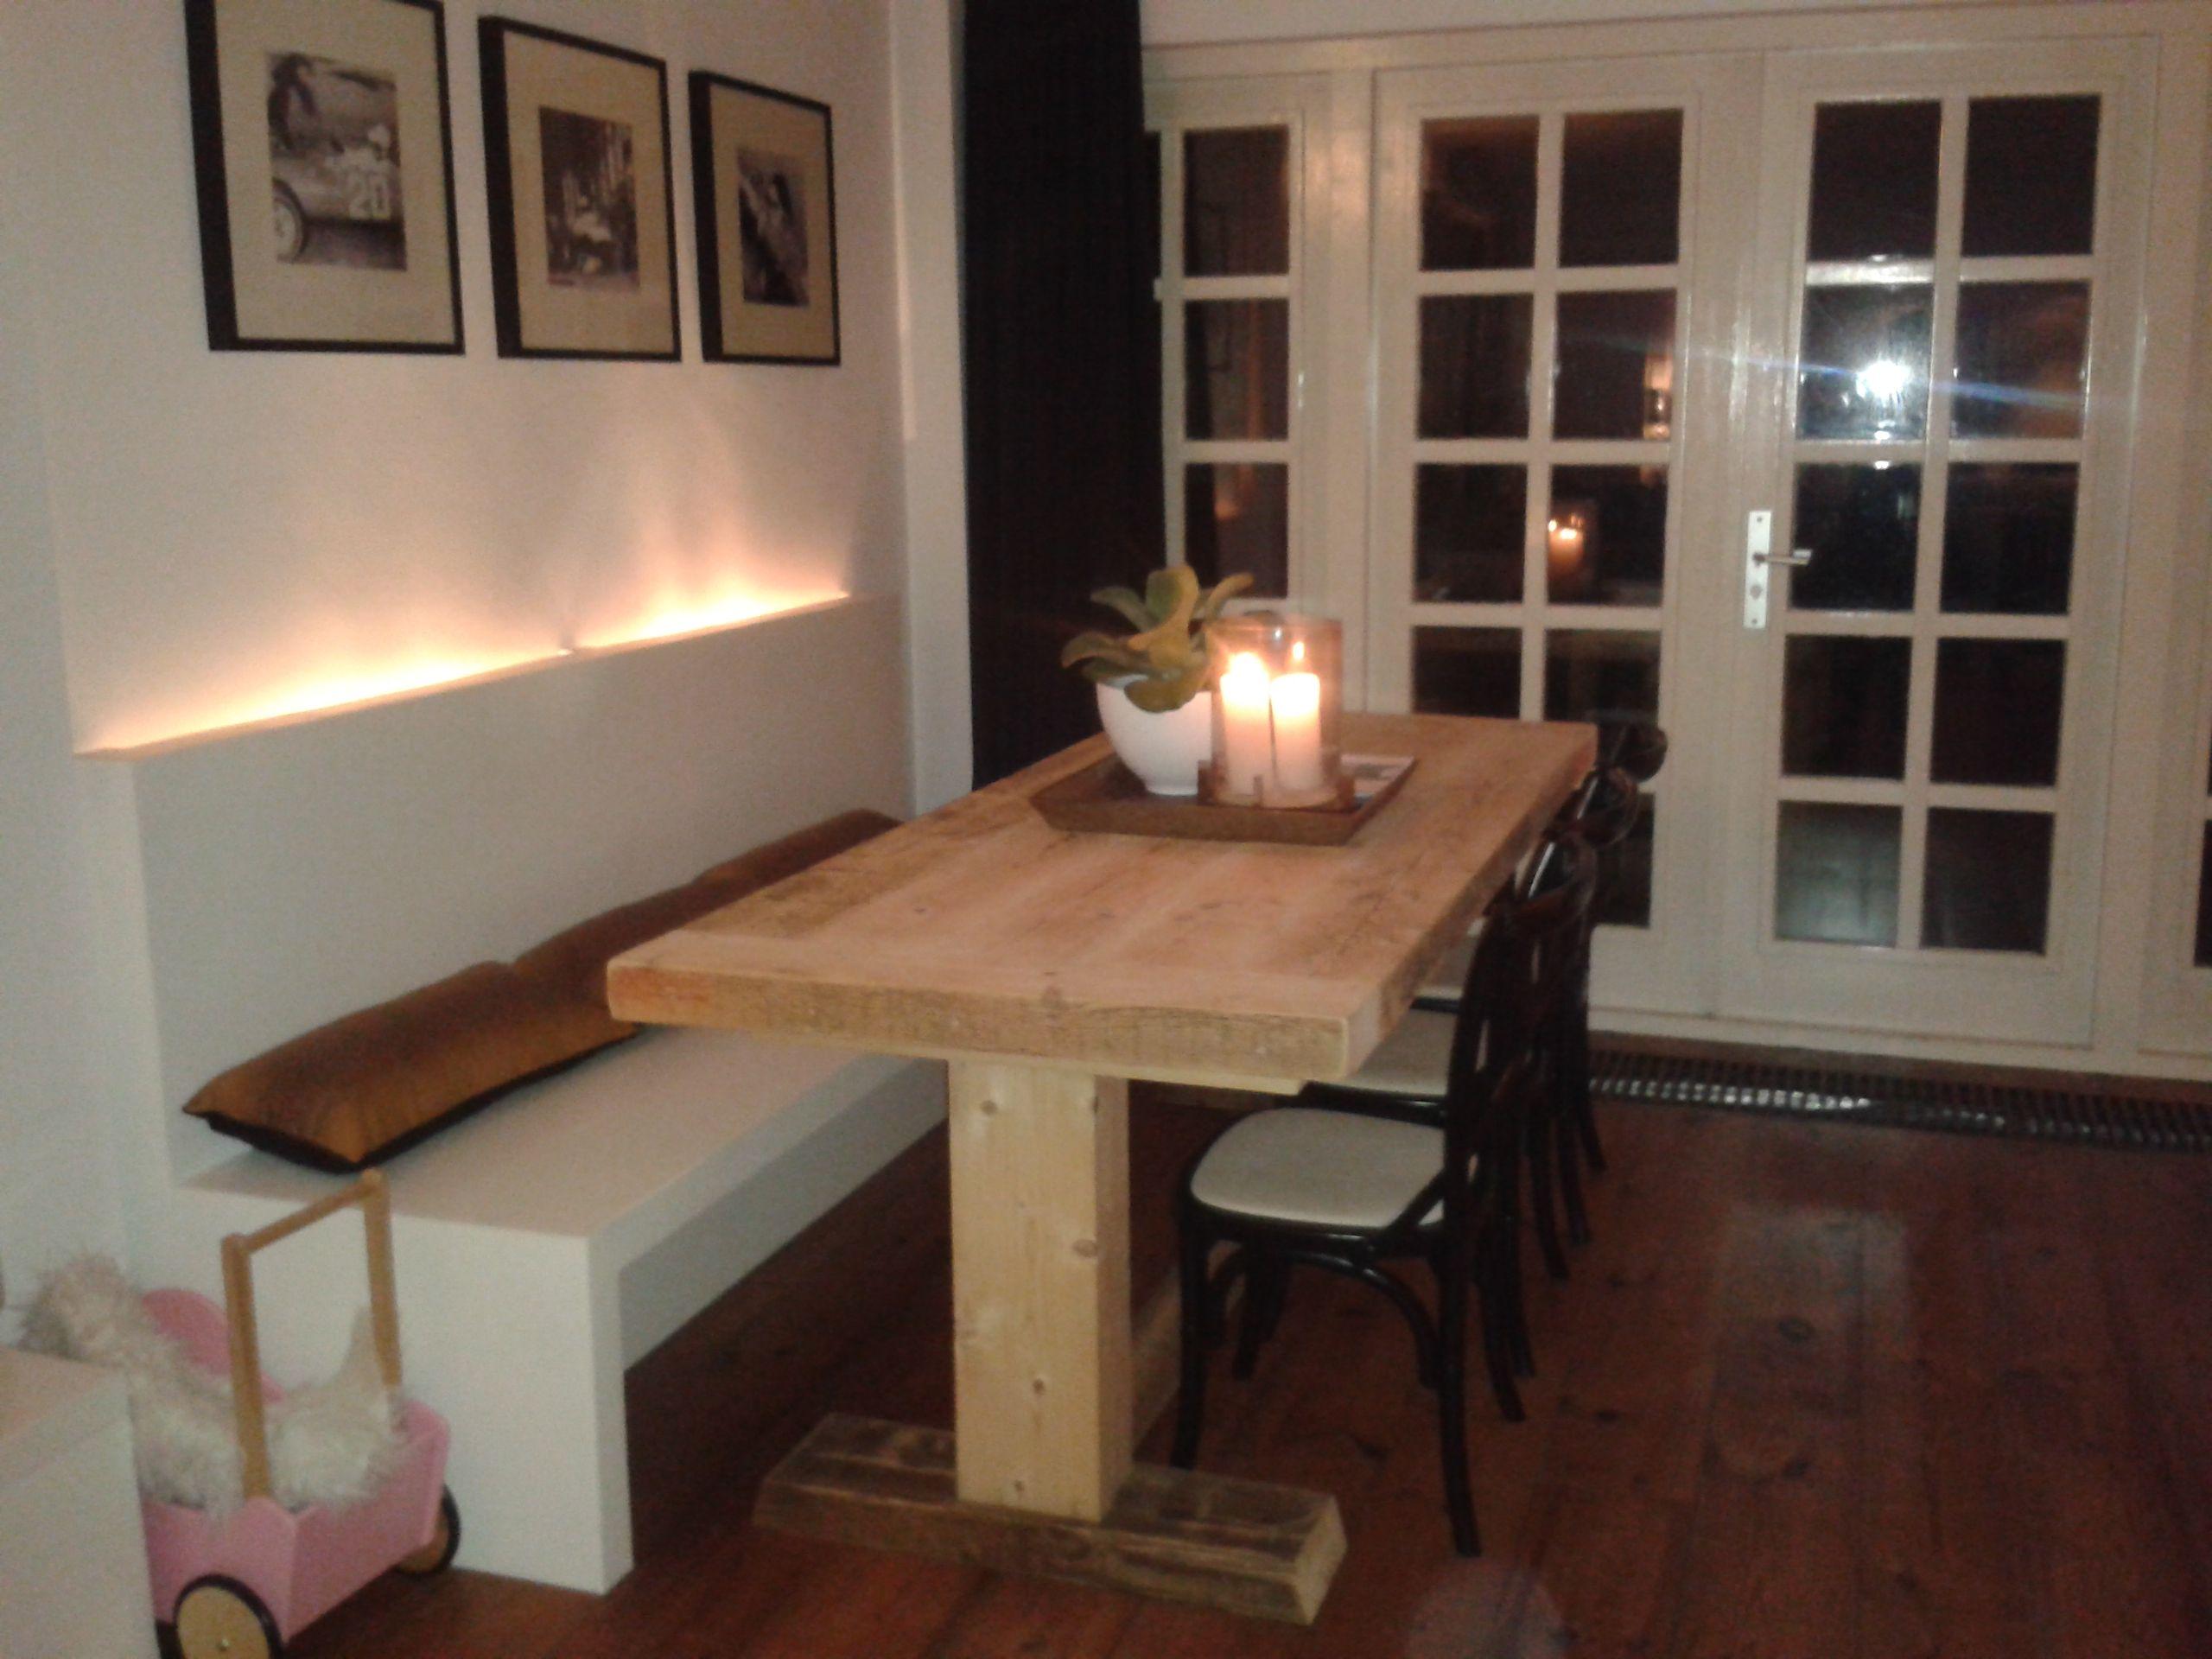 Eetbank Keuken : Zelf gemaakt eetbank met verlichting Vakantiehuis Pinterest